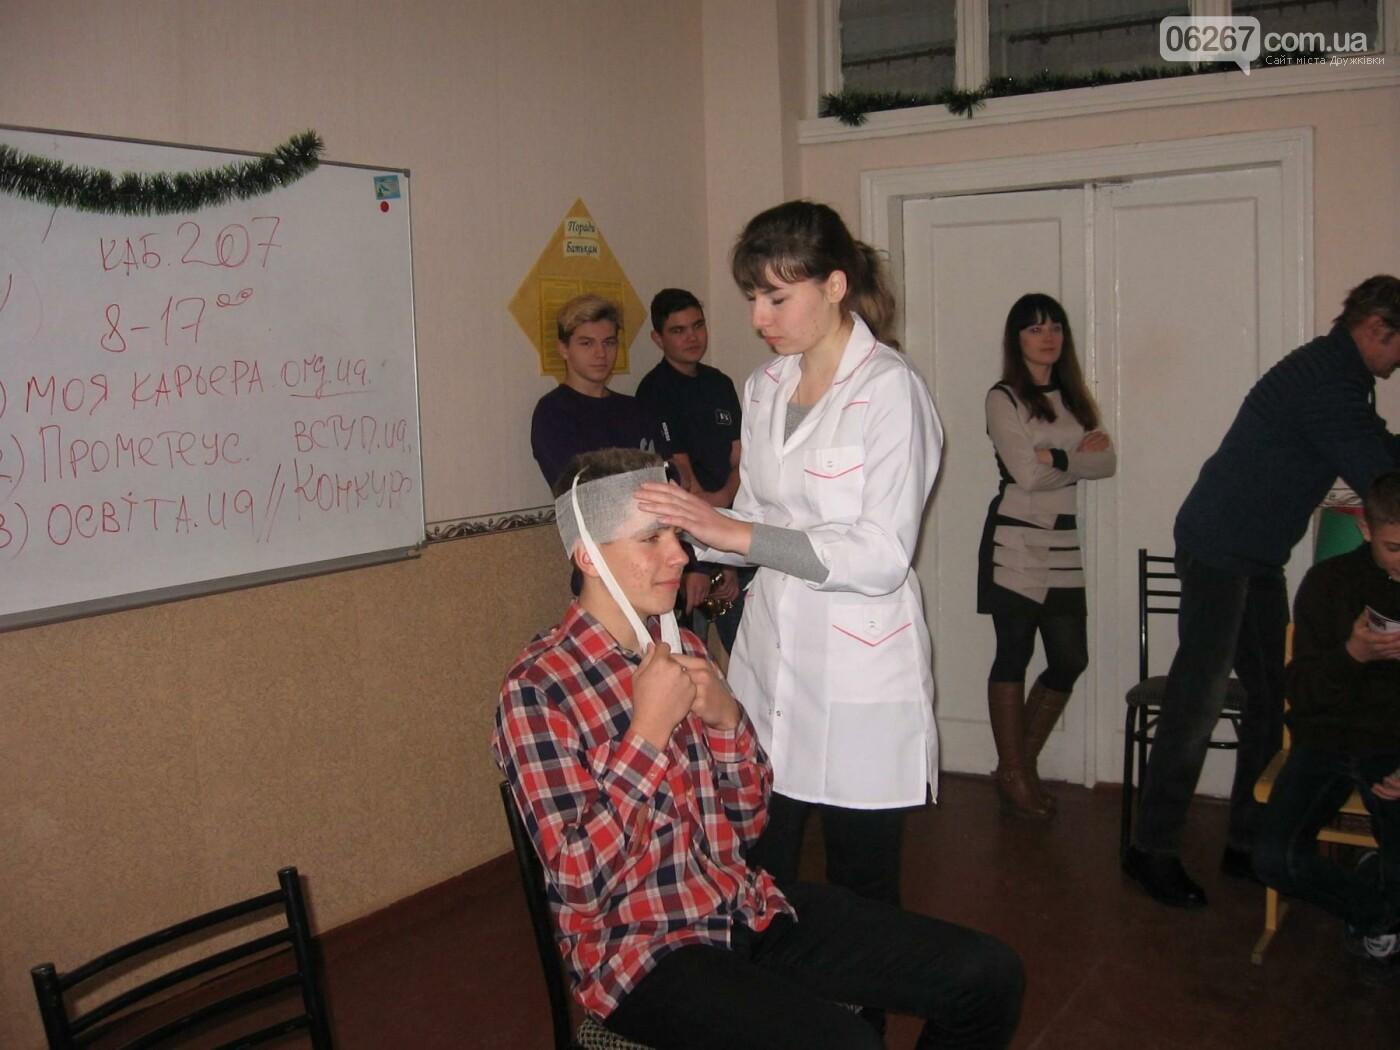 Учащимся УВК №14 в Алексеево-Дружковке преподали мастер-класс по оказанию первой помощи пострадавшим, фото-2